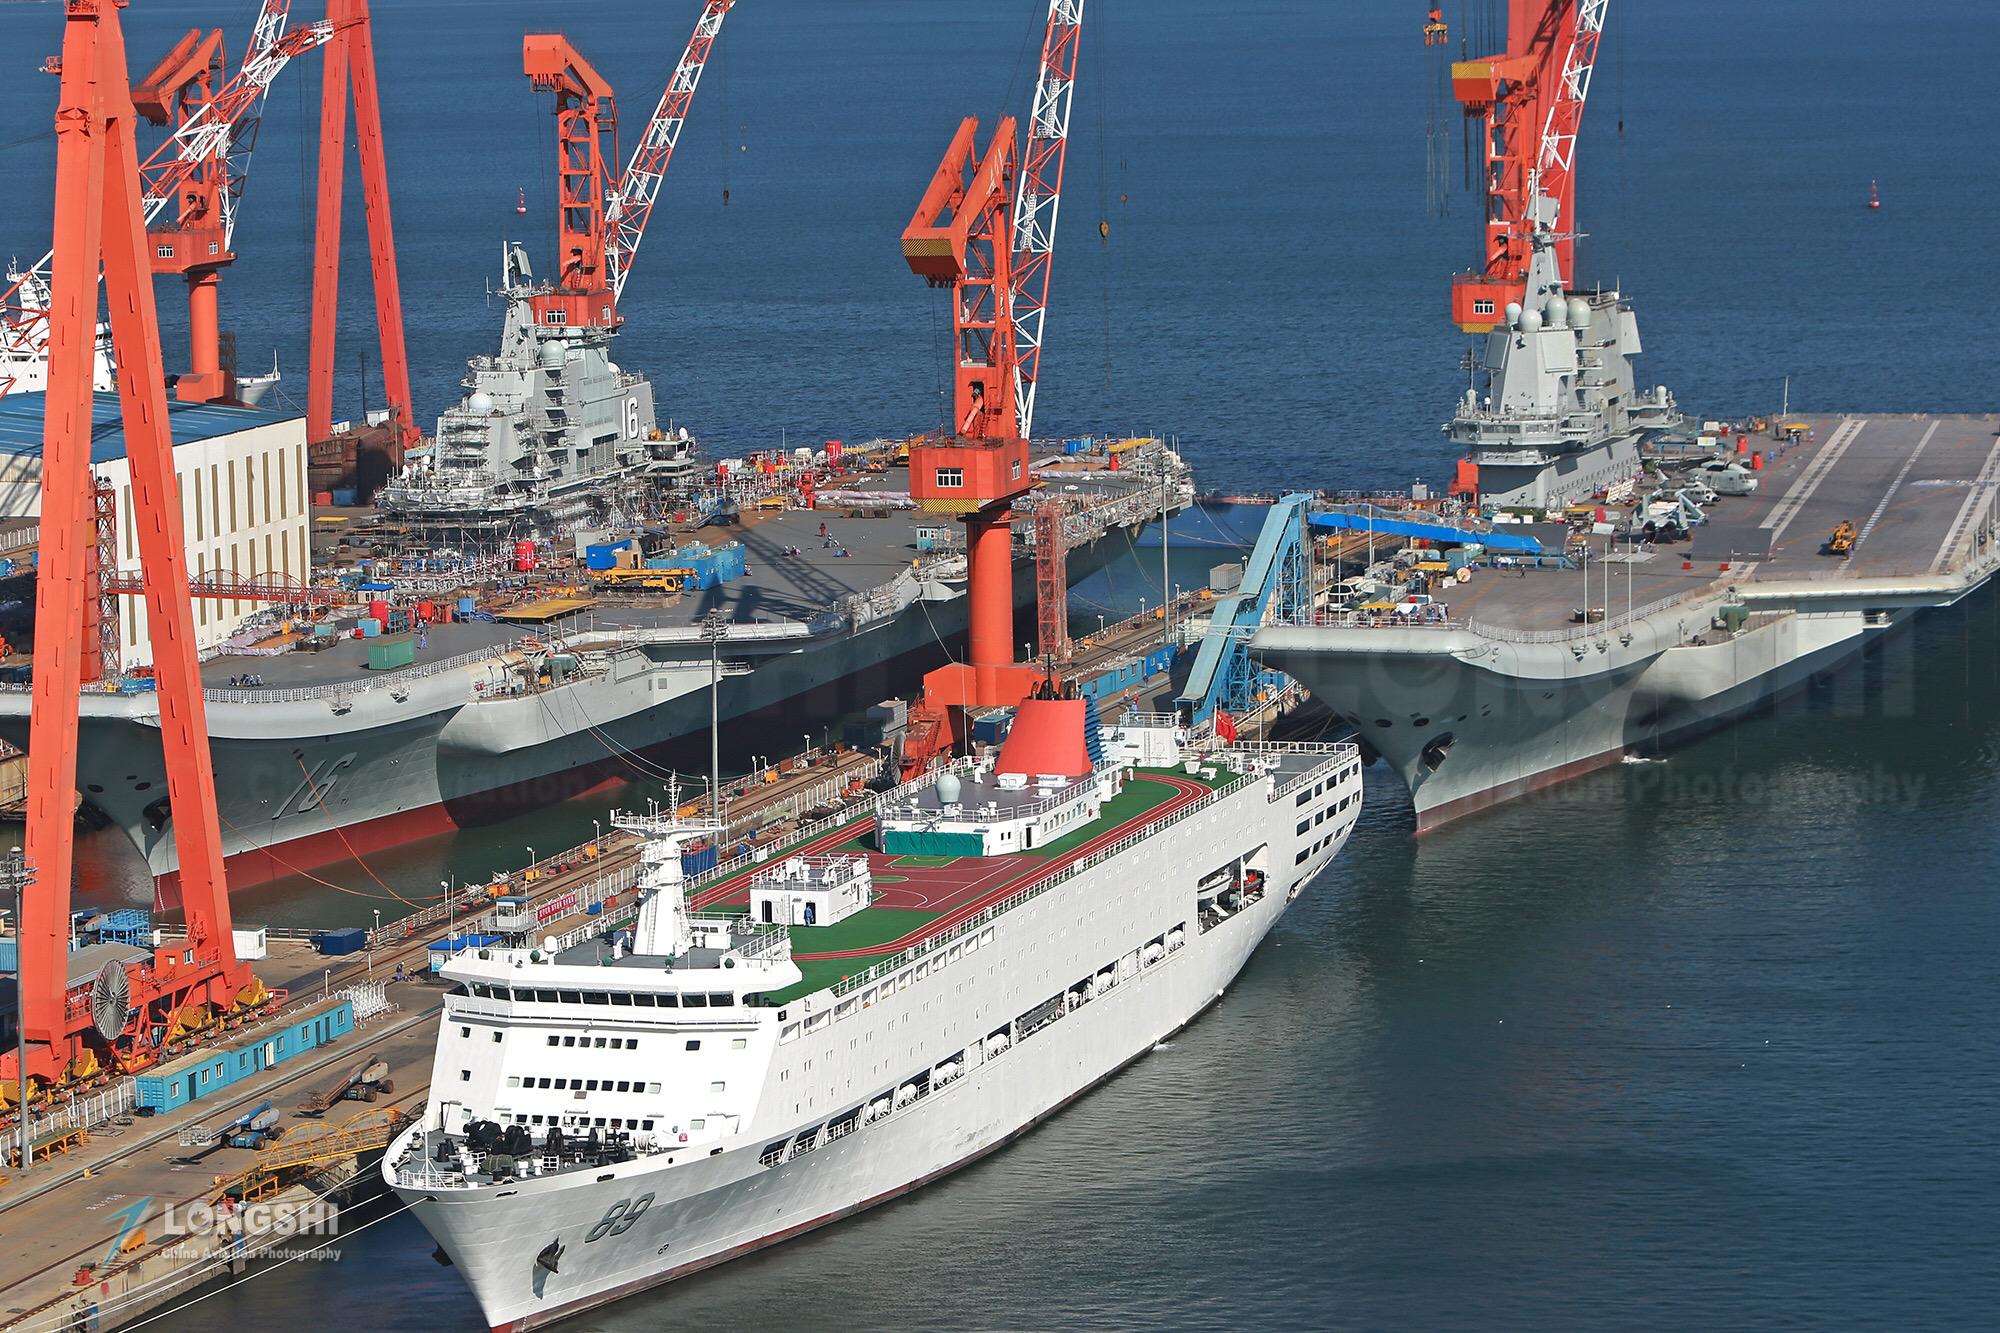 南海不是美国人做主!解放军两舰一艇同时入列,中国已经建立优势